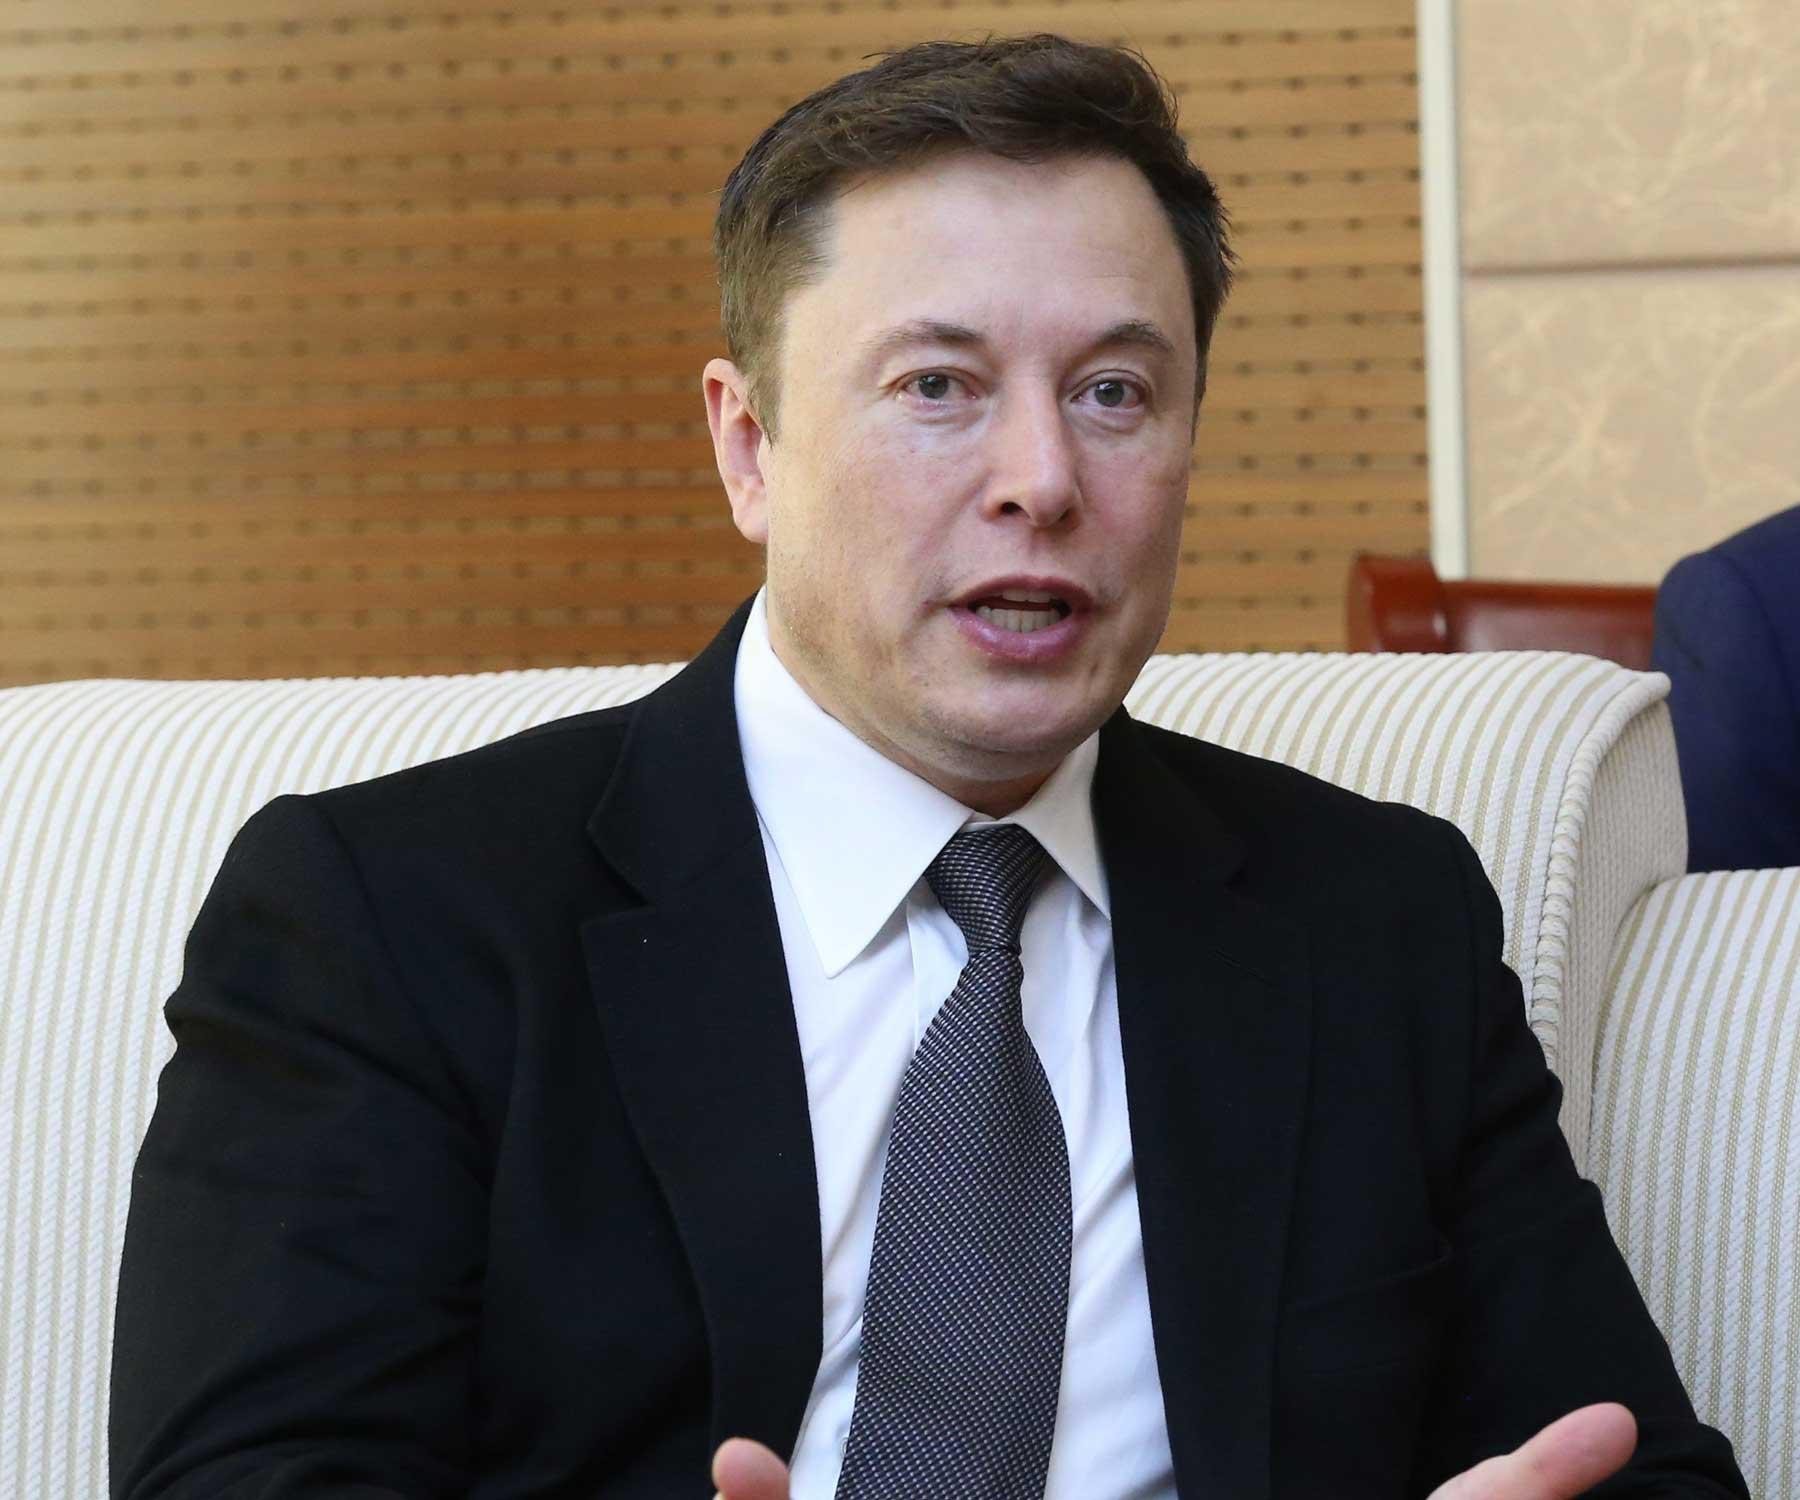 Tesla මෝටර් රථ ඔත්තු බැලීමට යොදාගන්නේ නම් Tesla වසා දමන බව Elon musk පවසයි